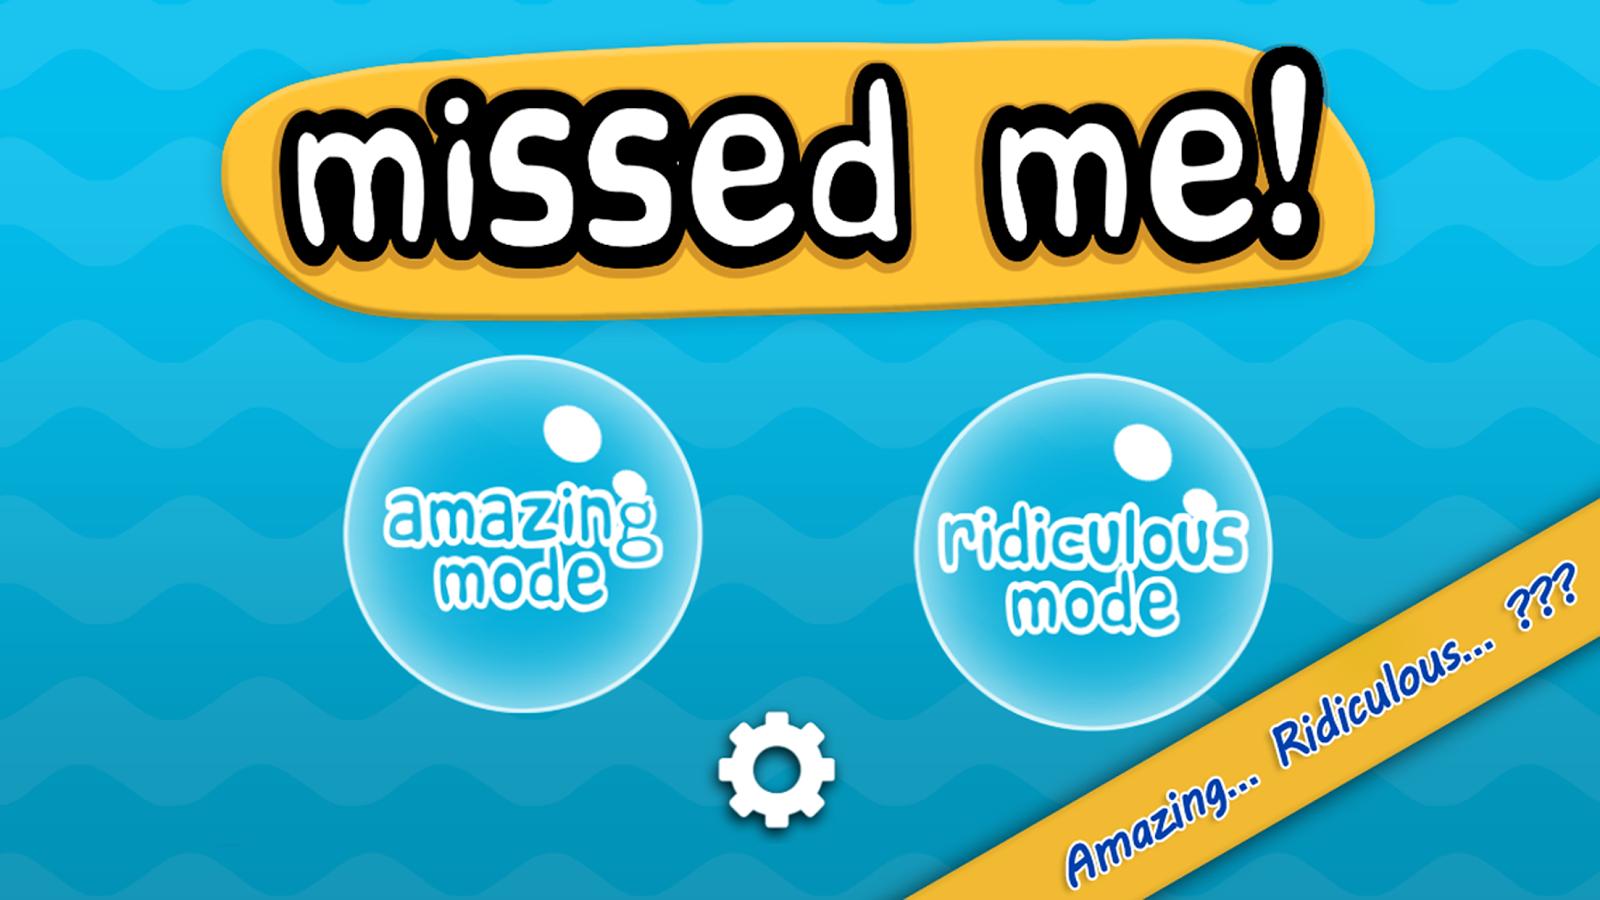 Missed-Me 19